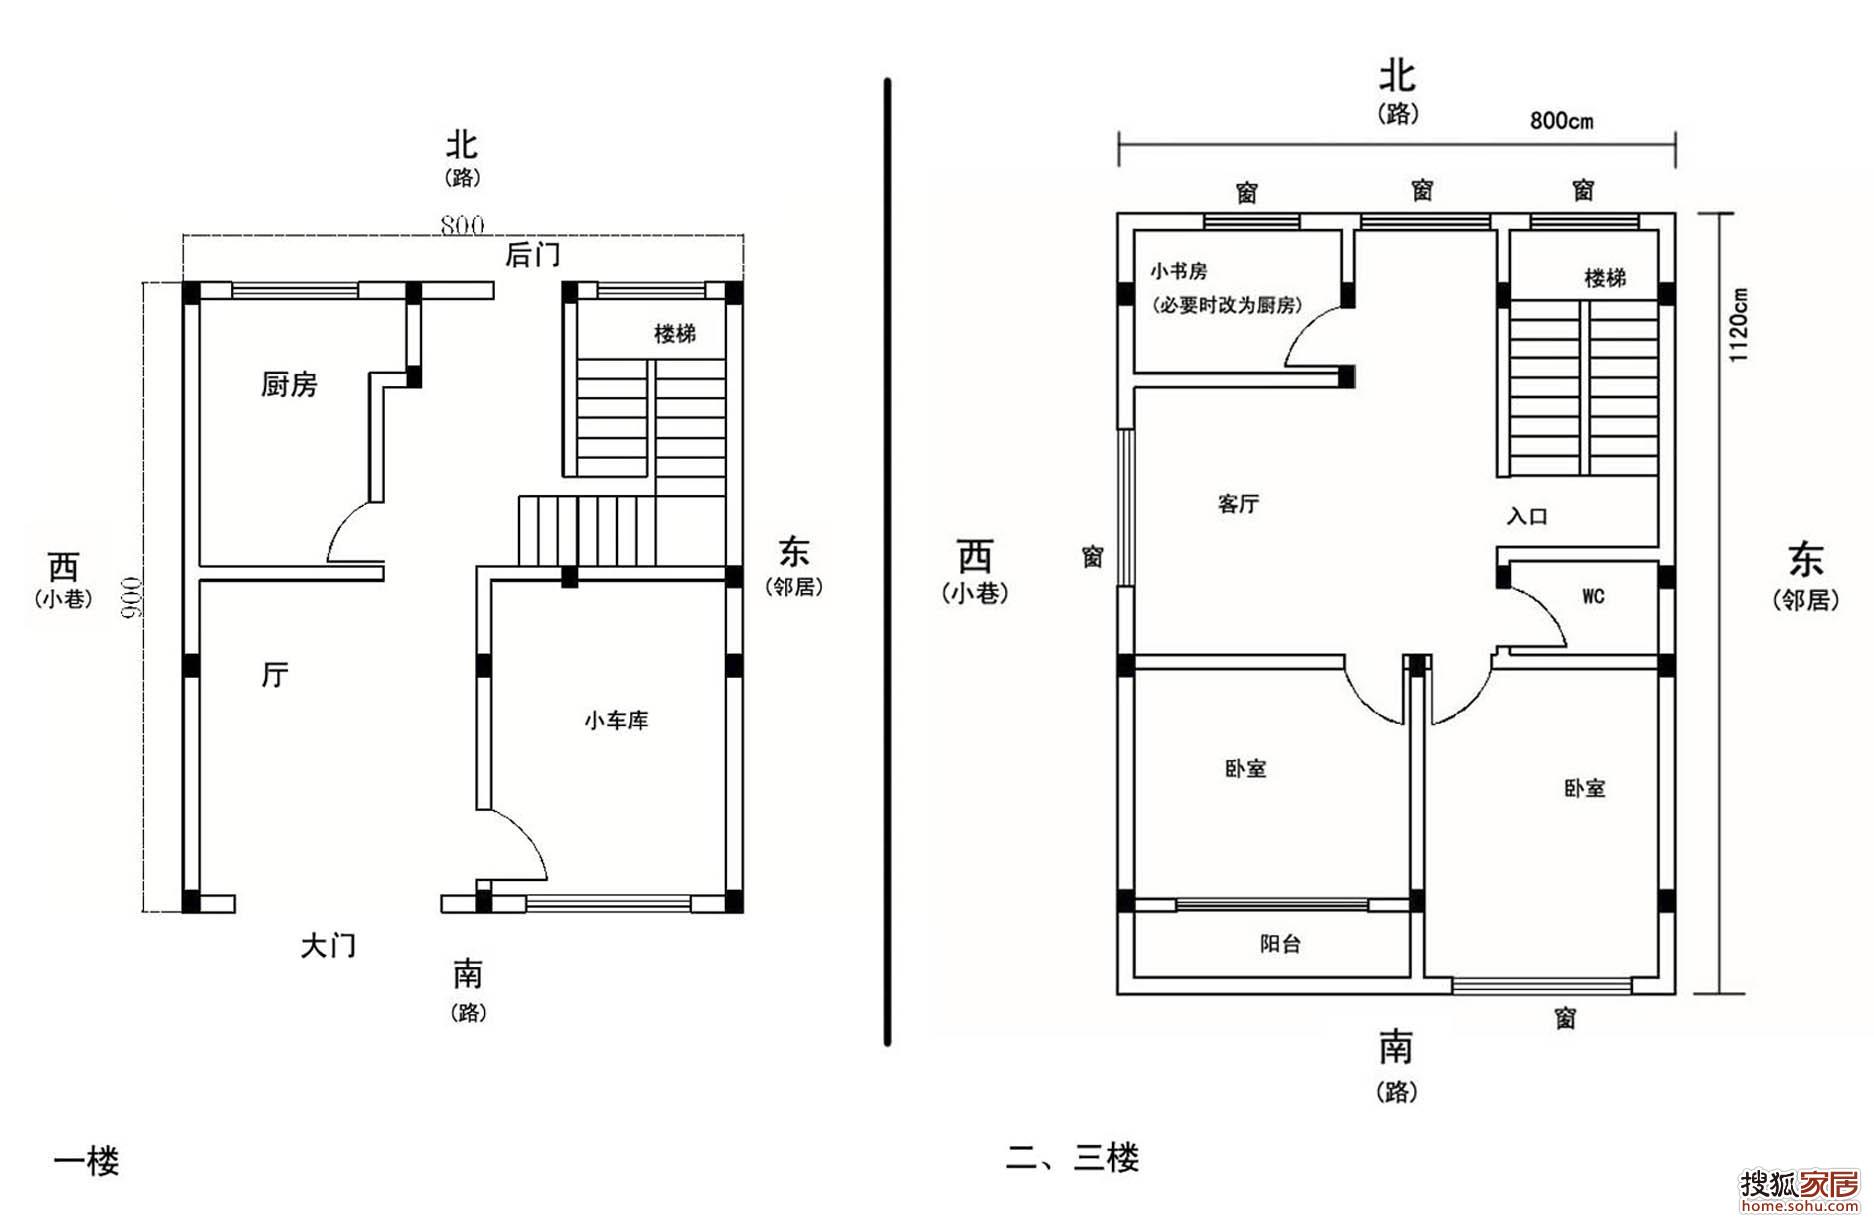 图纸是自己画的, 1:房子是砖混结构,请教高人,这么做结构安全吗?